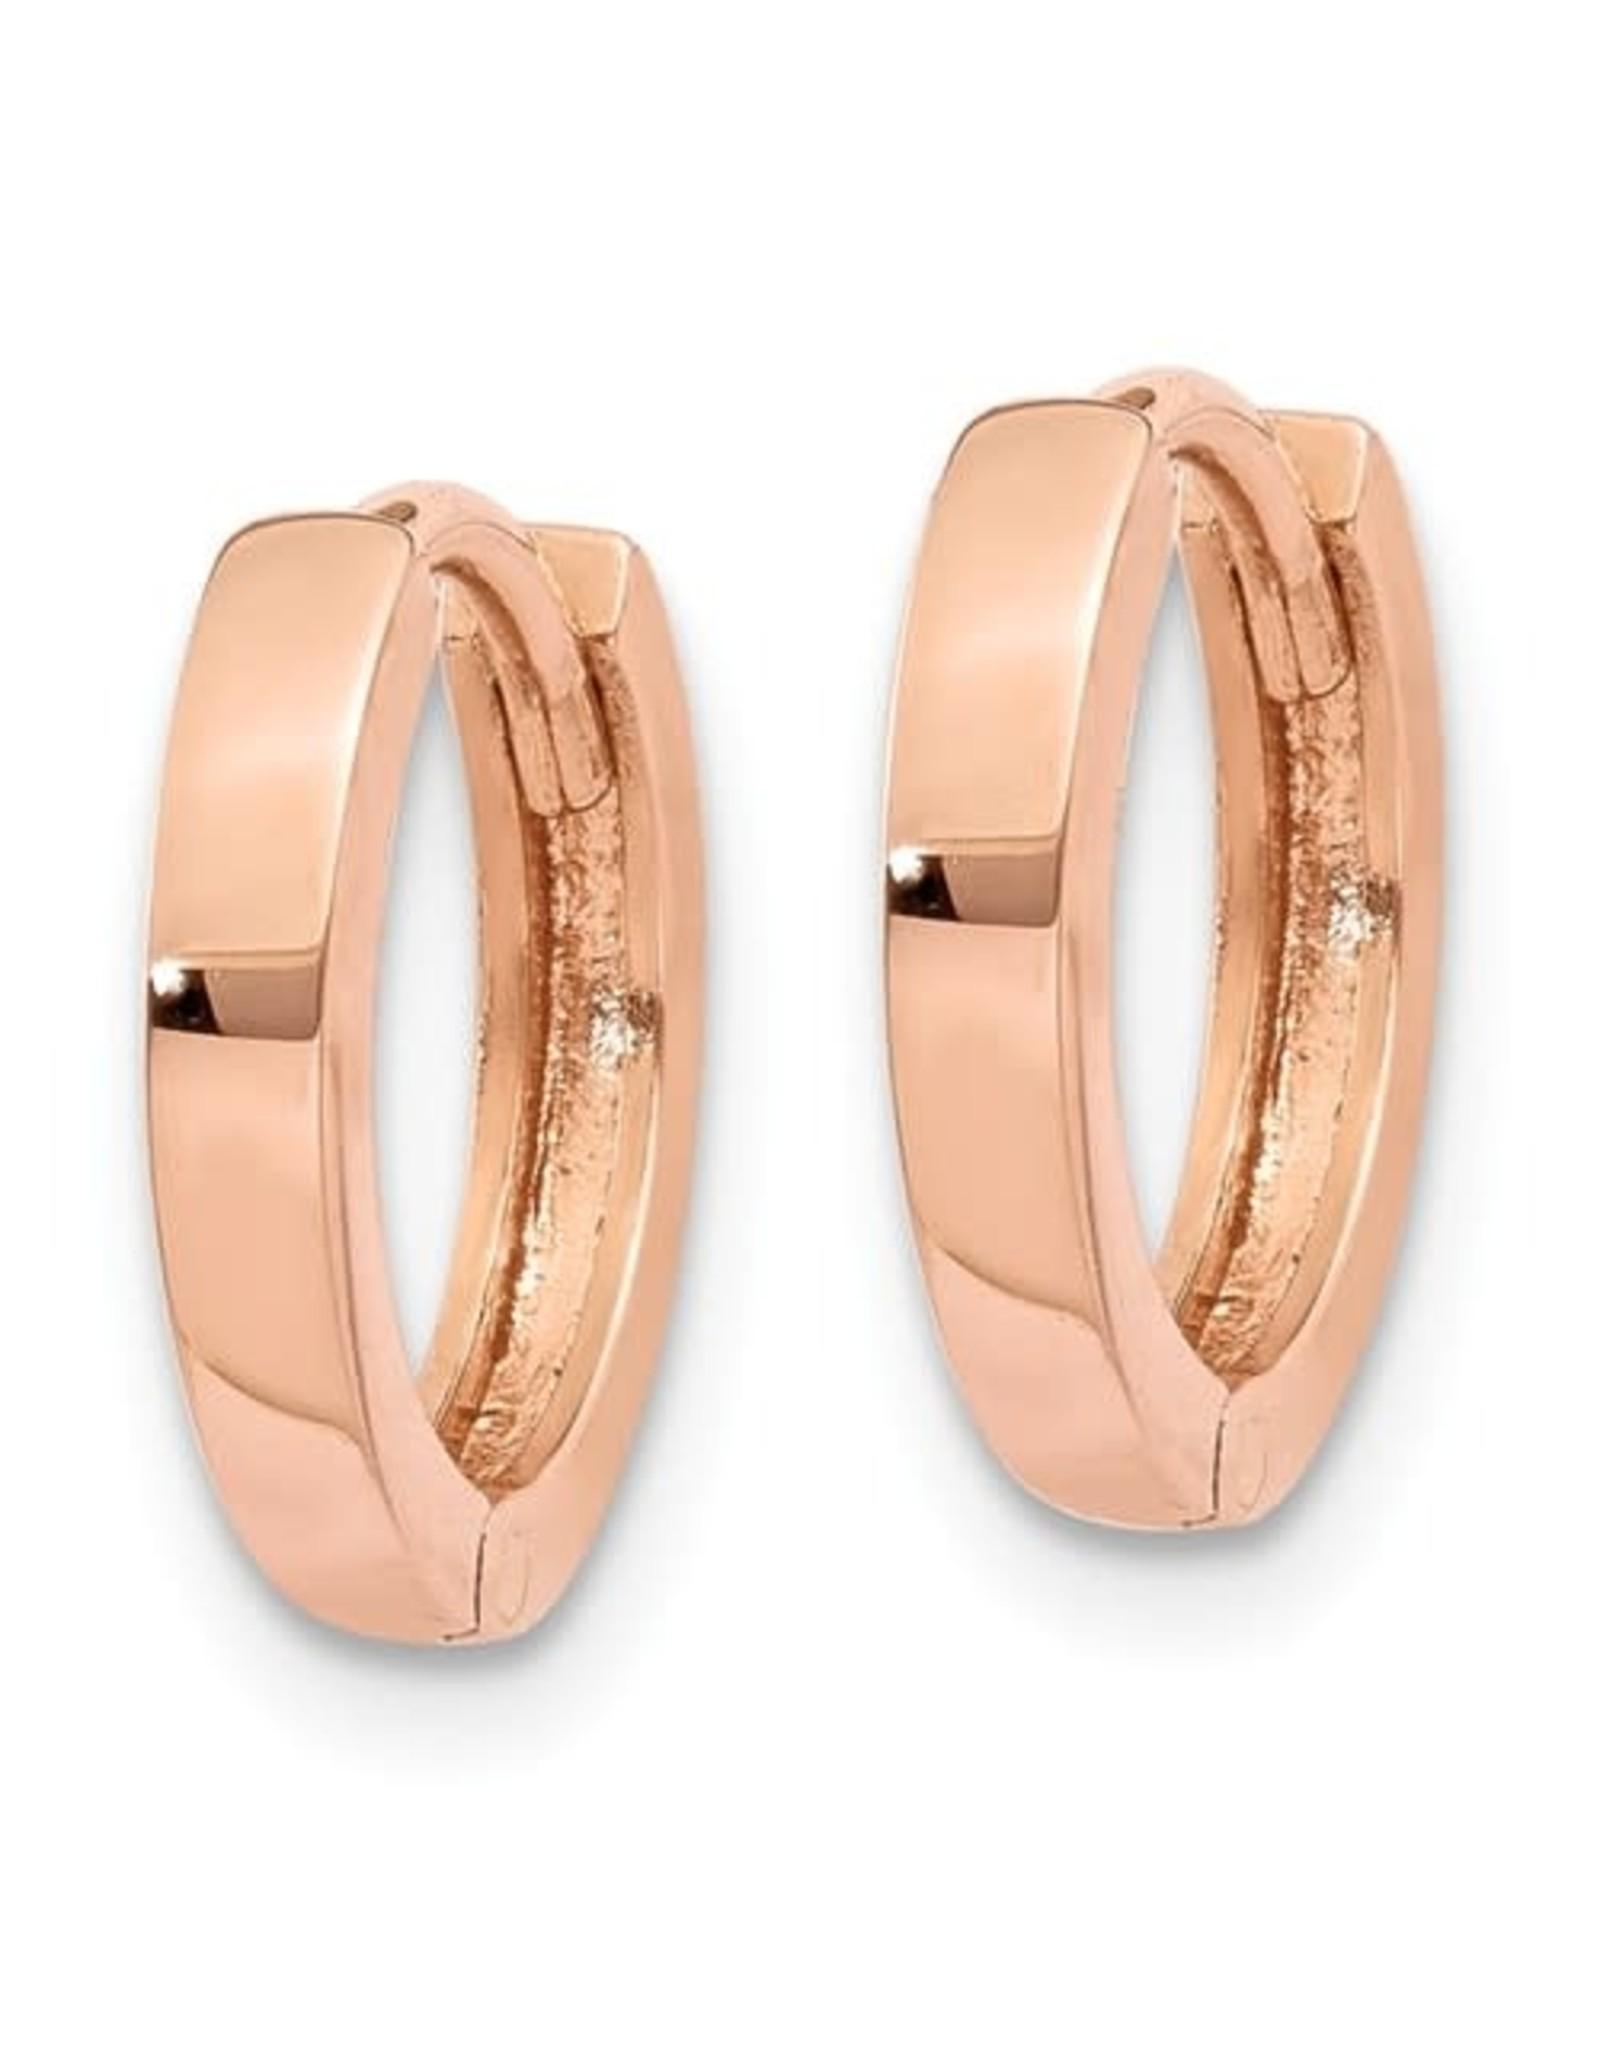 14K Rose Gold Essential Huggie Earrings